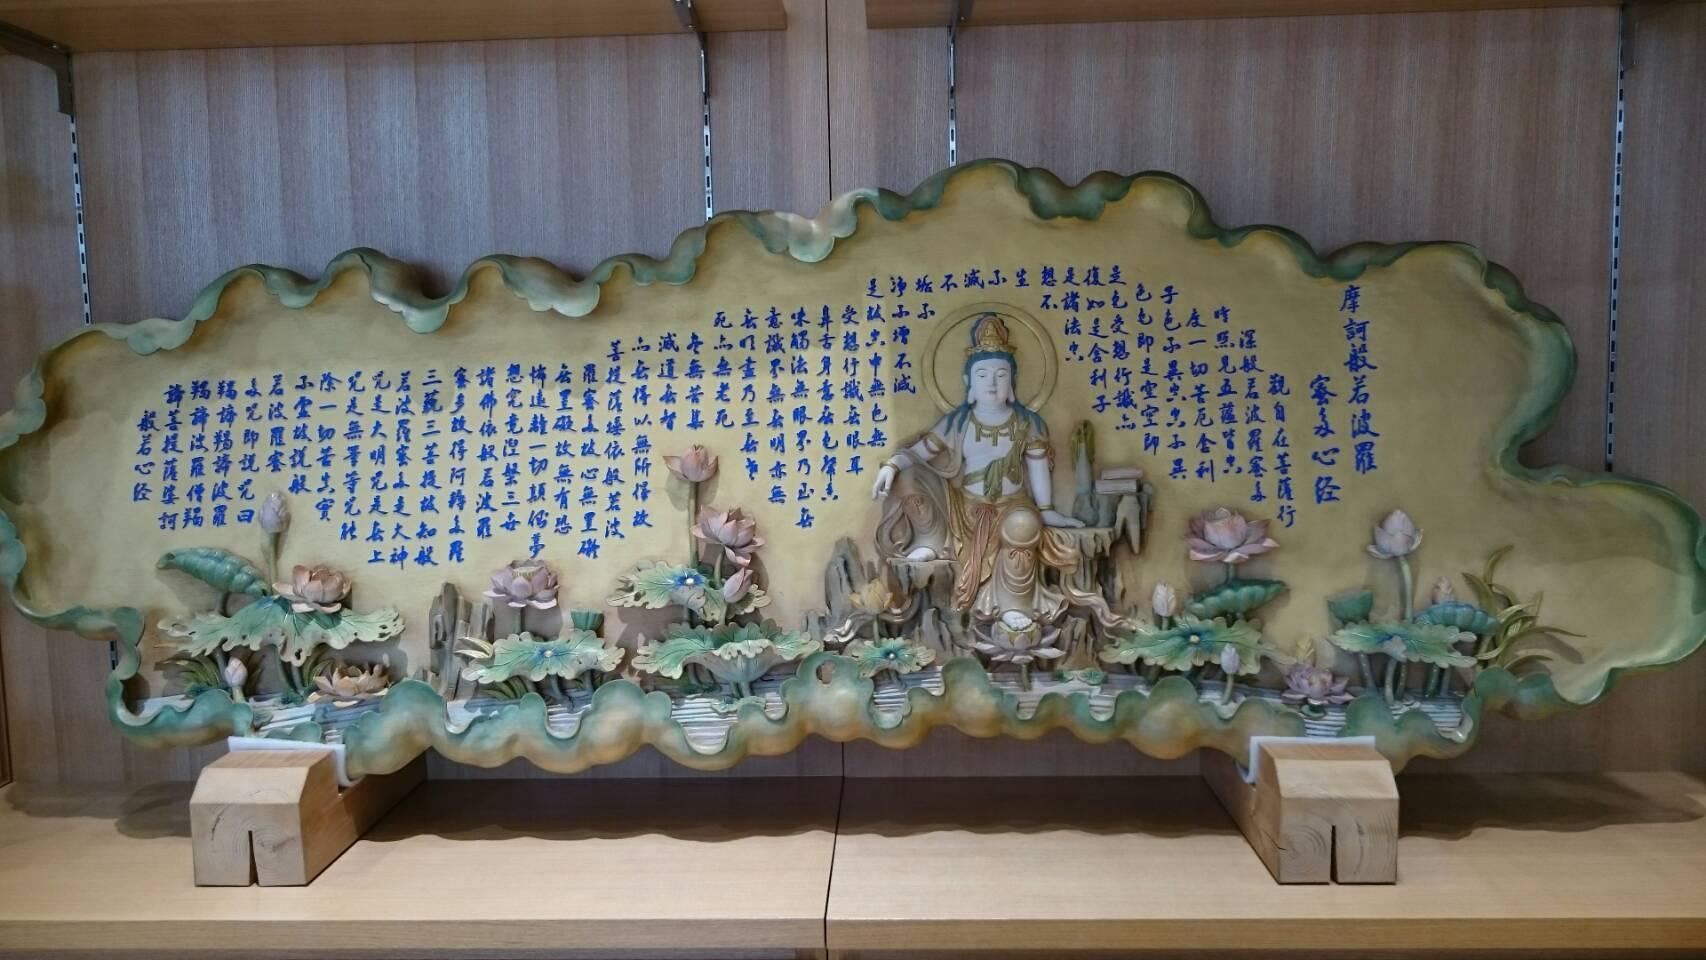 ふくば 福島 仏壇 写真ギャラリー画像29